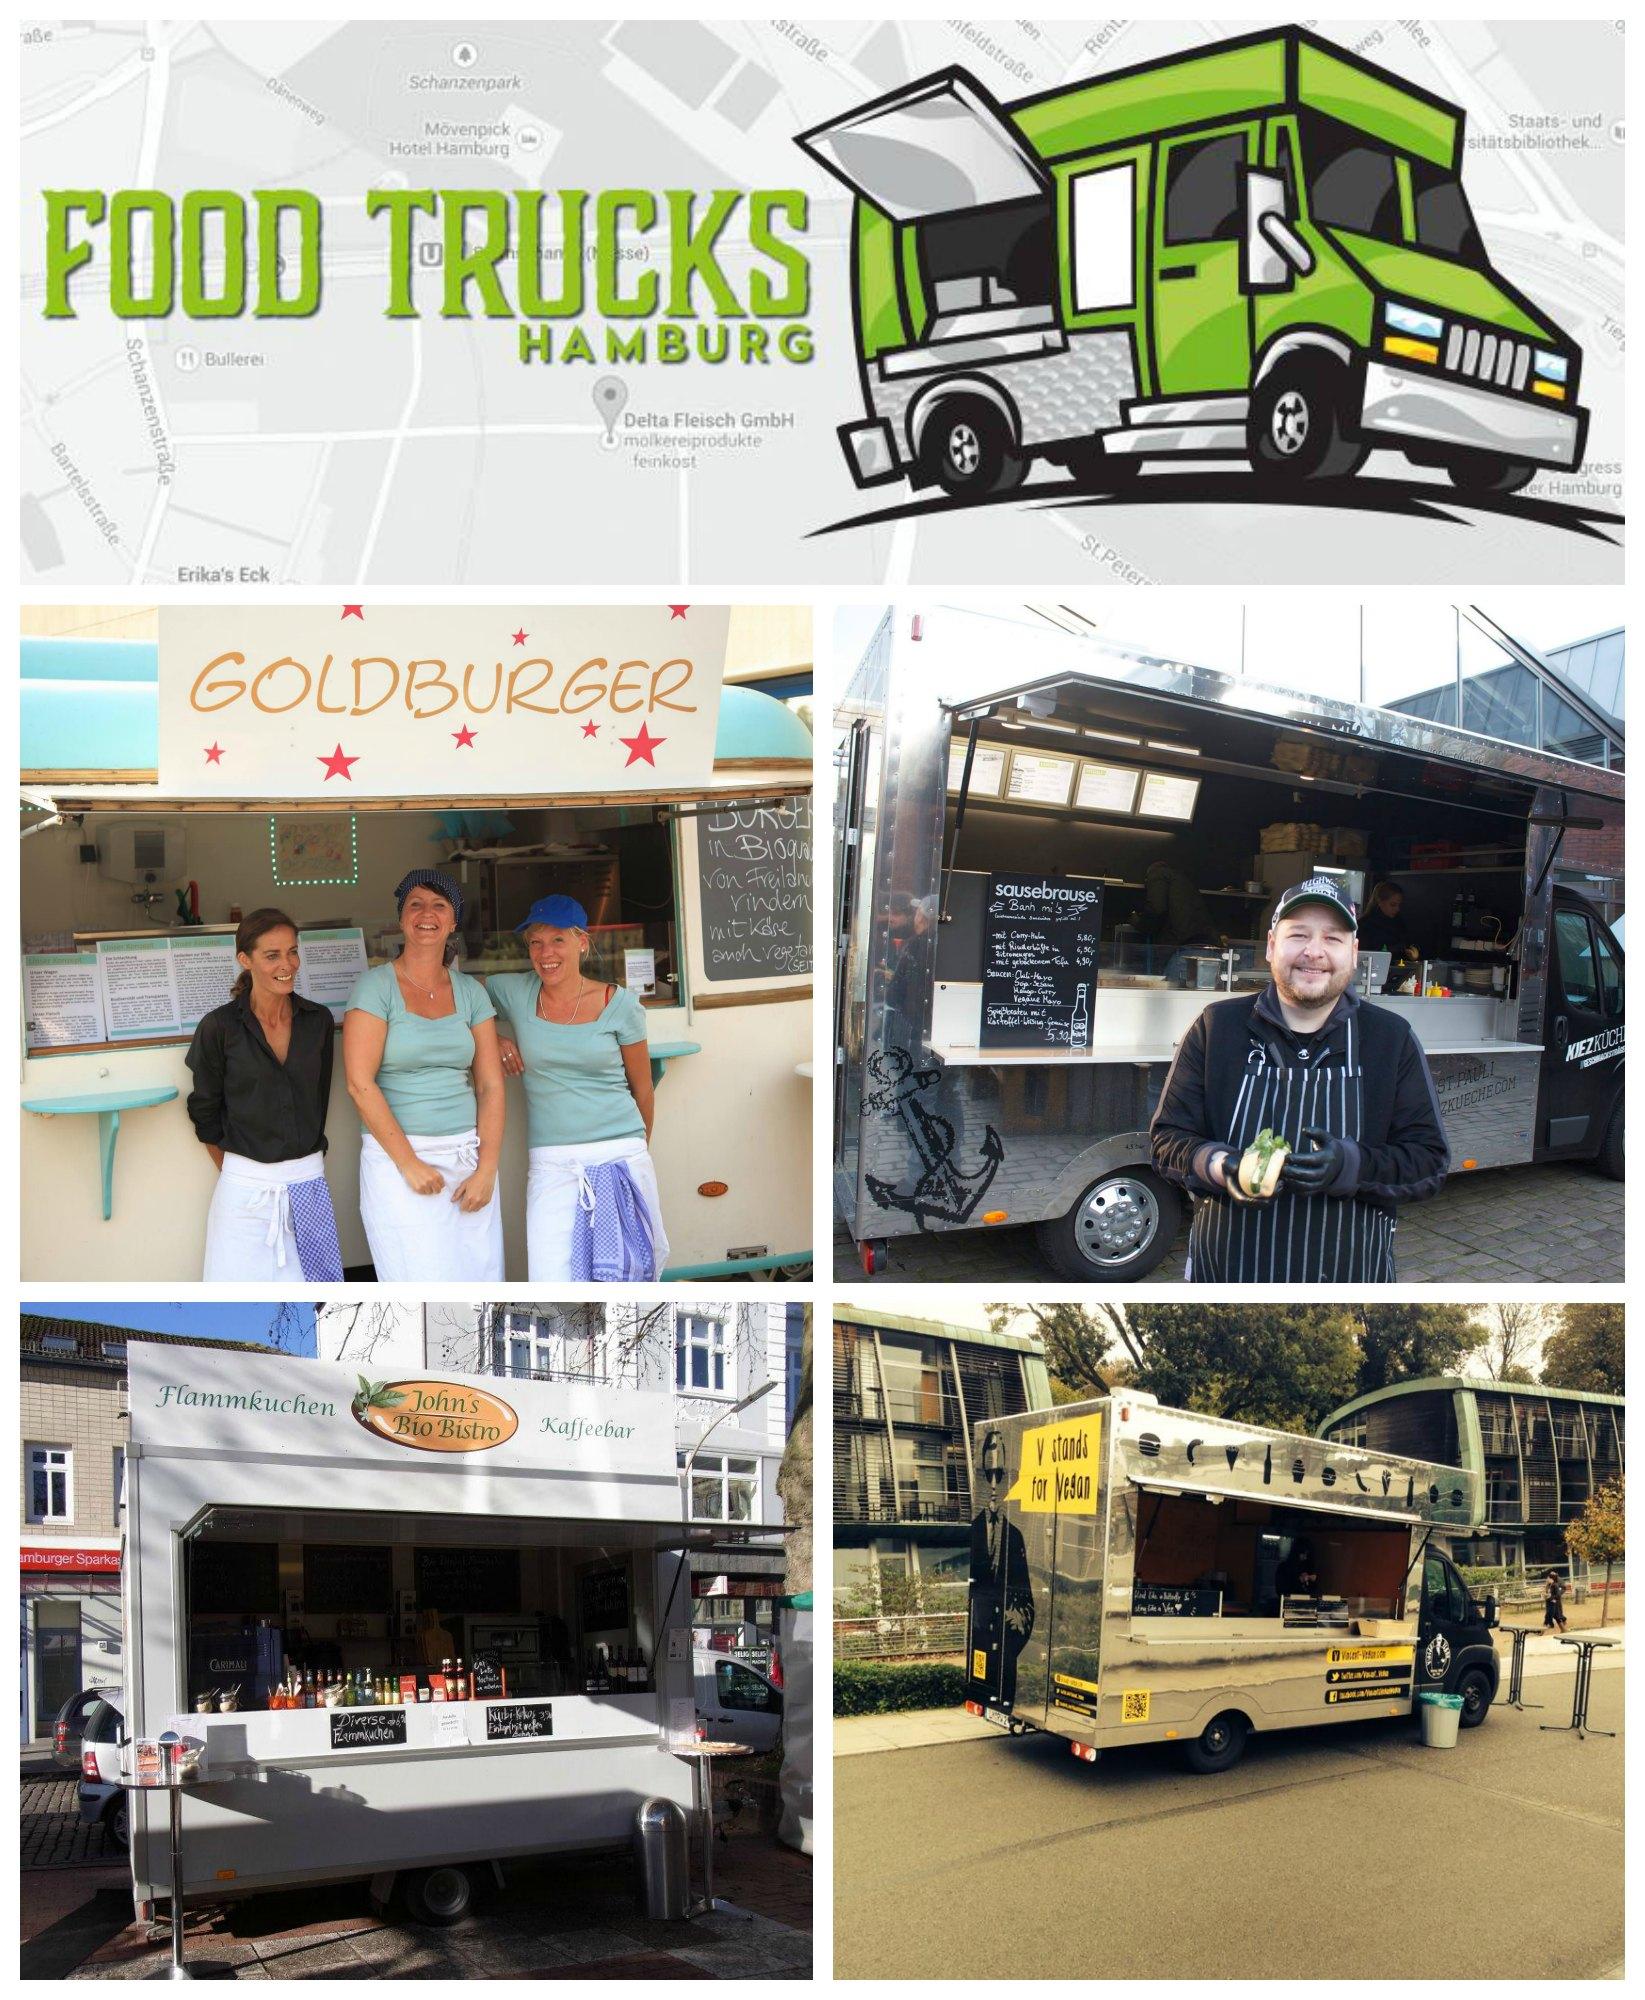 food truck market we love food trucks we love hamburg keine lust zu kochen heute kein. Black Bedroom Furniture Sets. Home Design Ideas